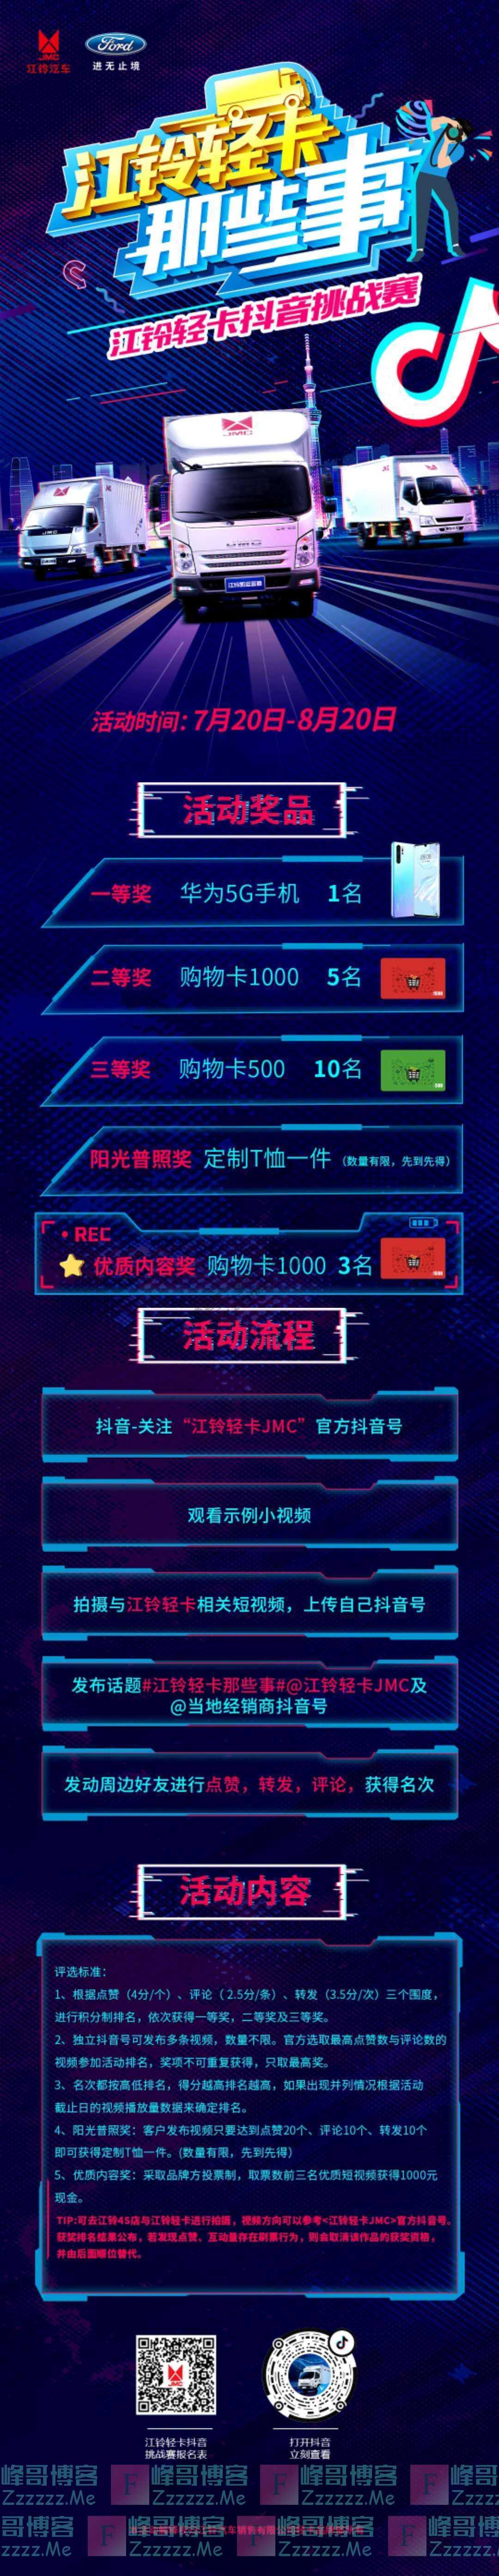 江铃轻卡JMC江铃轻卡抖音挑战赛(截止8月20日)